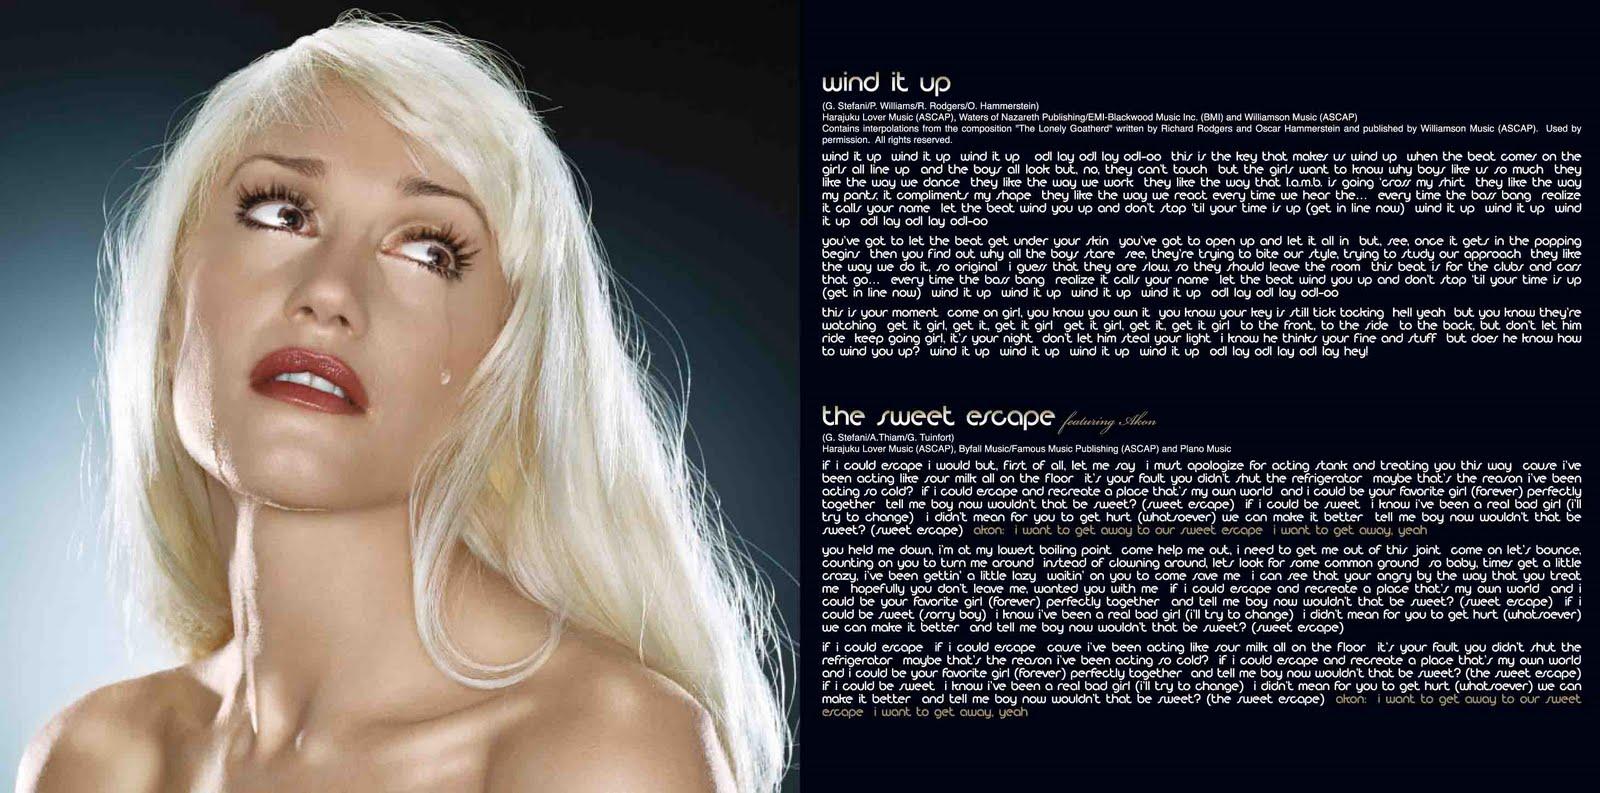 http://1.bp.blogspot.com/_YJM766qf5ps/S61LavsD19I/AAAAAAAACvw/muXxhP4Bae0/s1600/Gwen+Stefani+-+The+Sweet+Escape-2.jpg